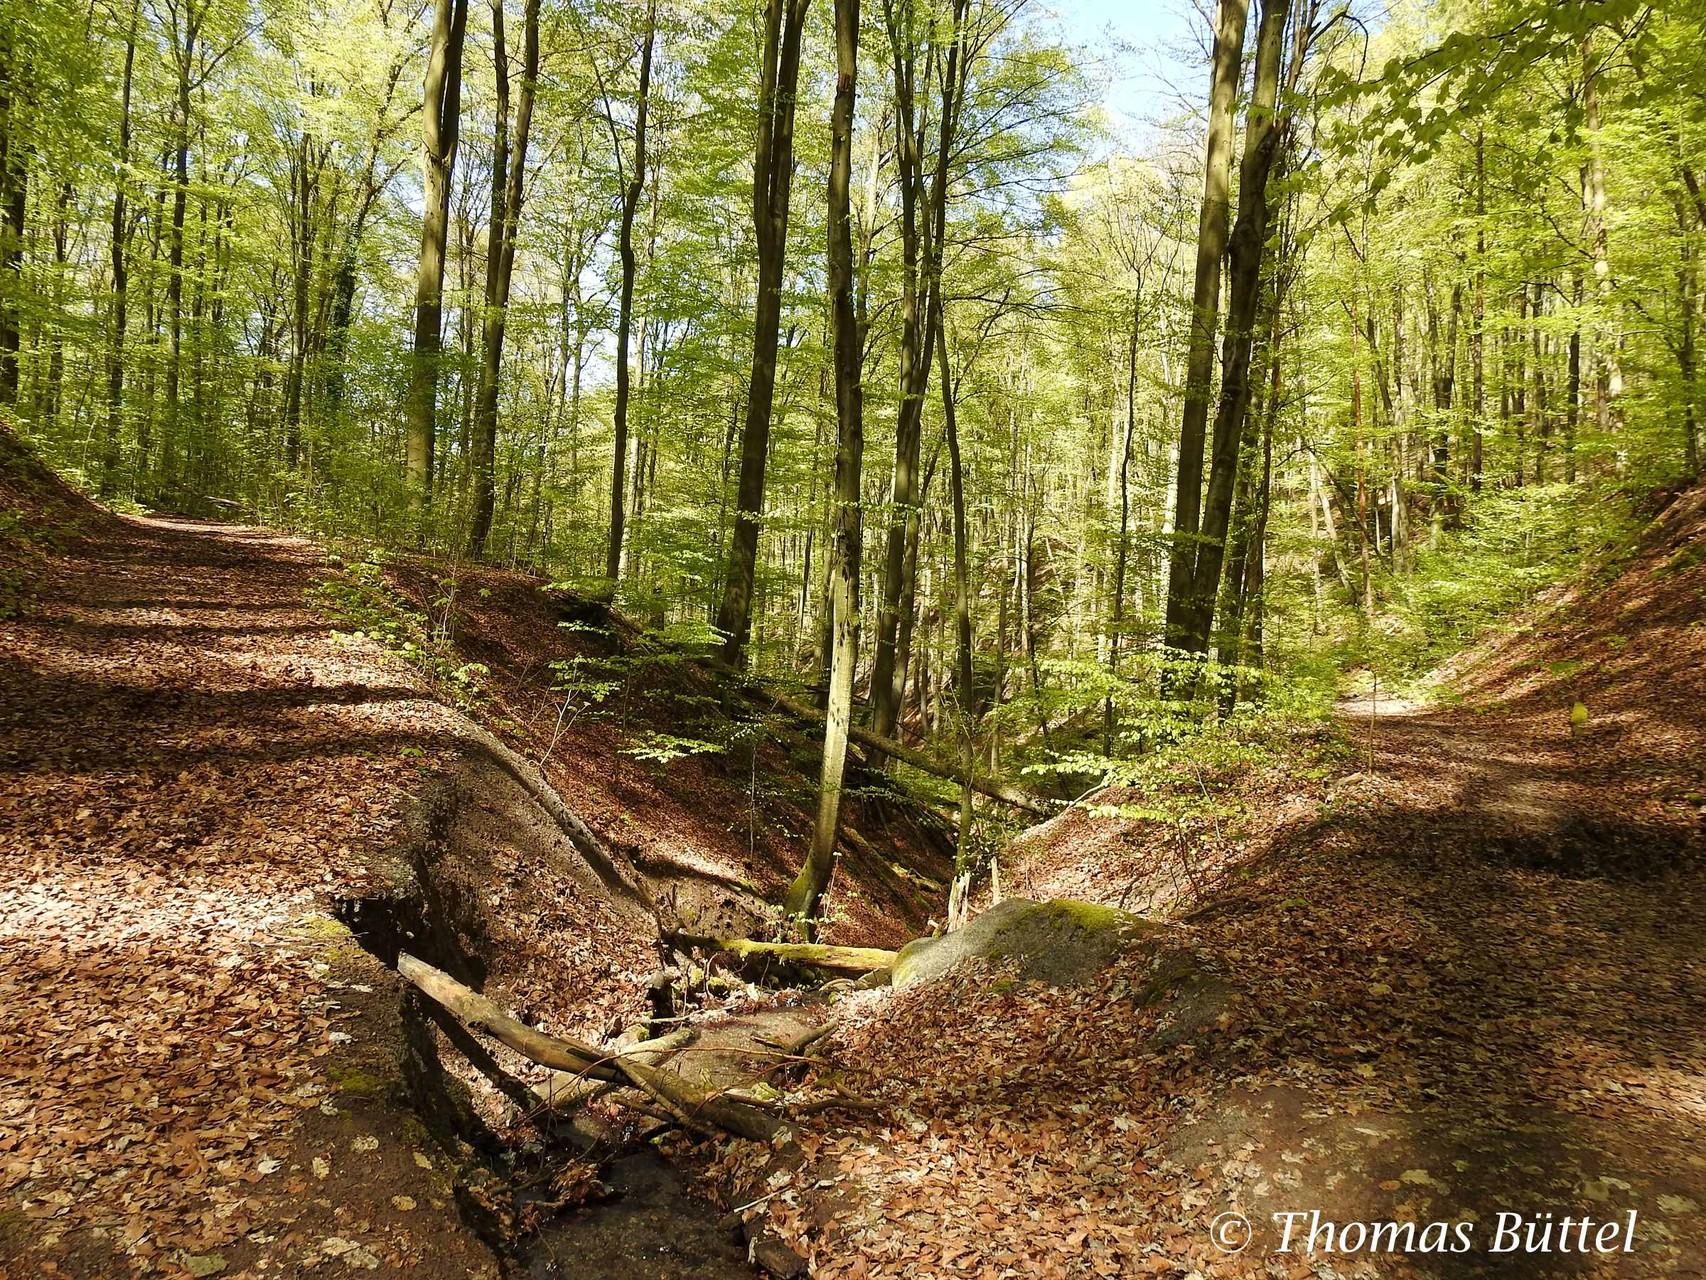 Wald am Schlangenweg bei Zell